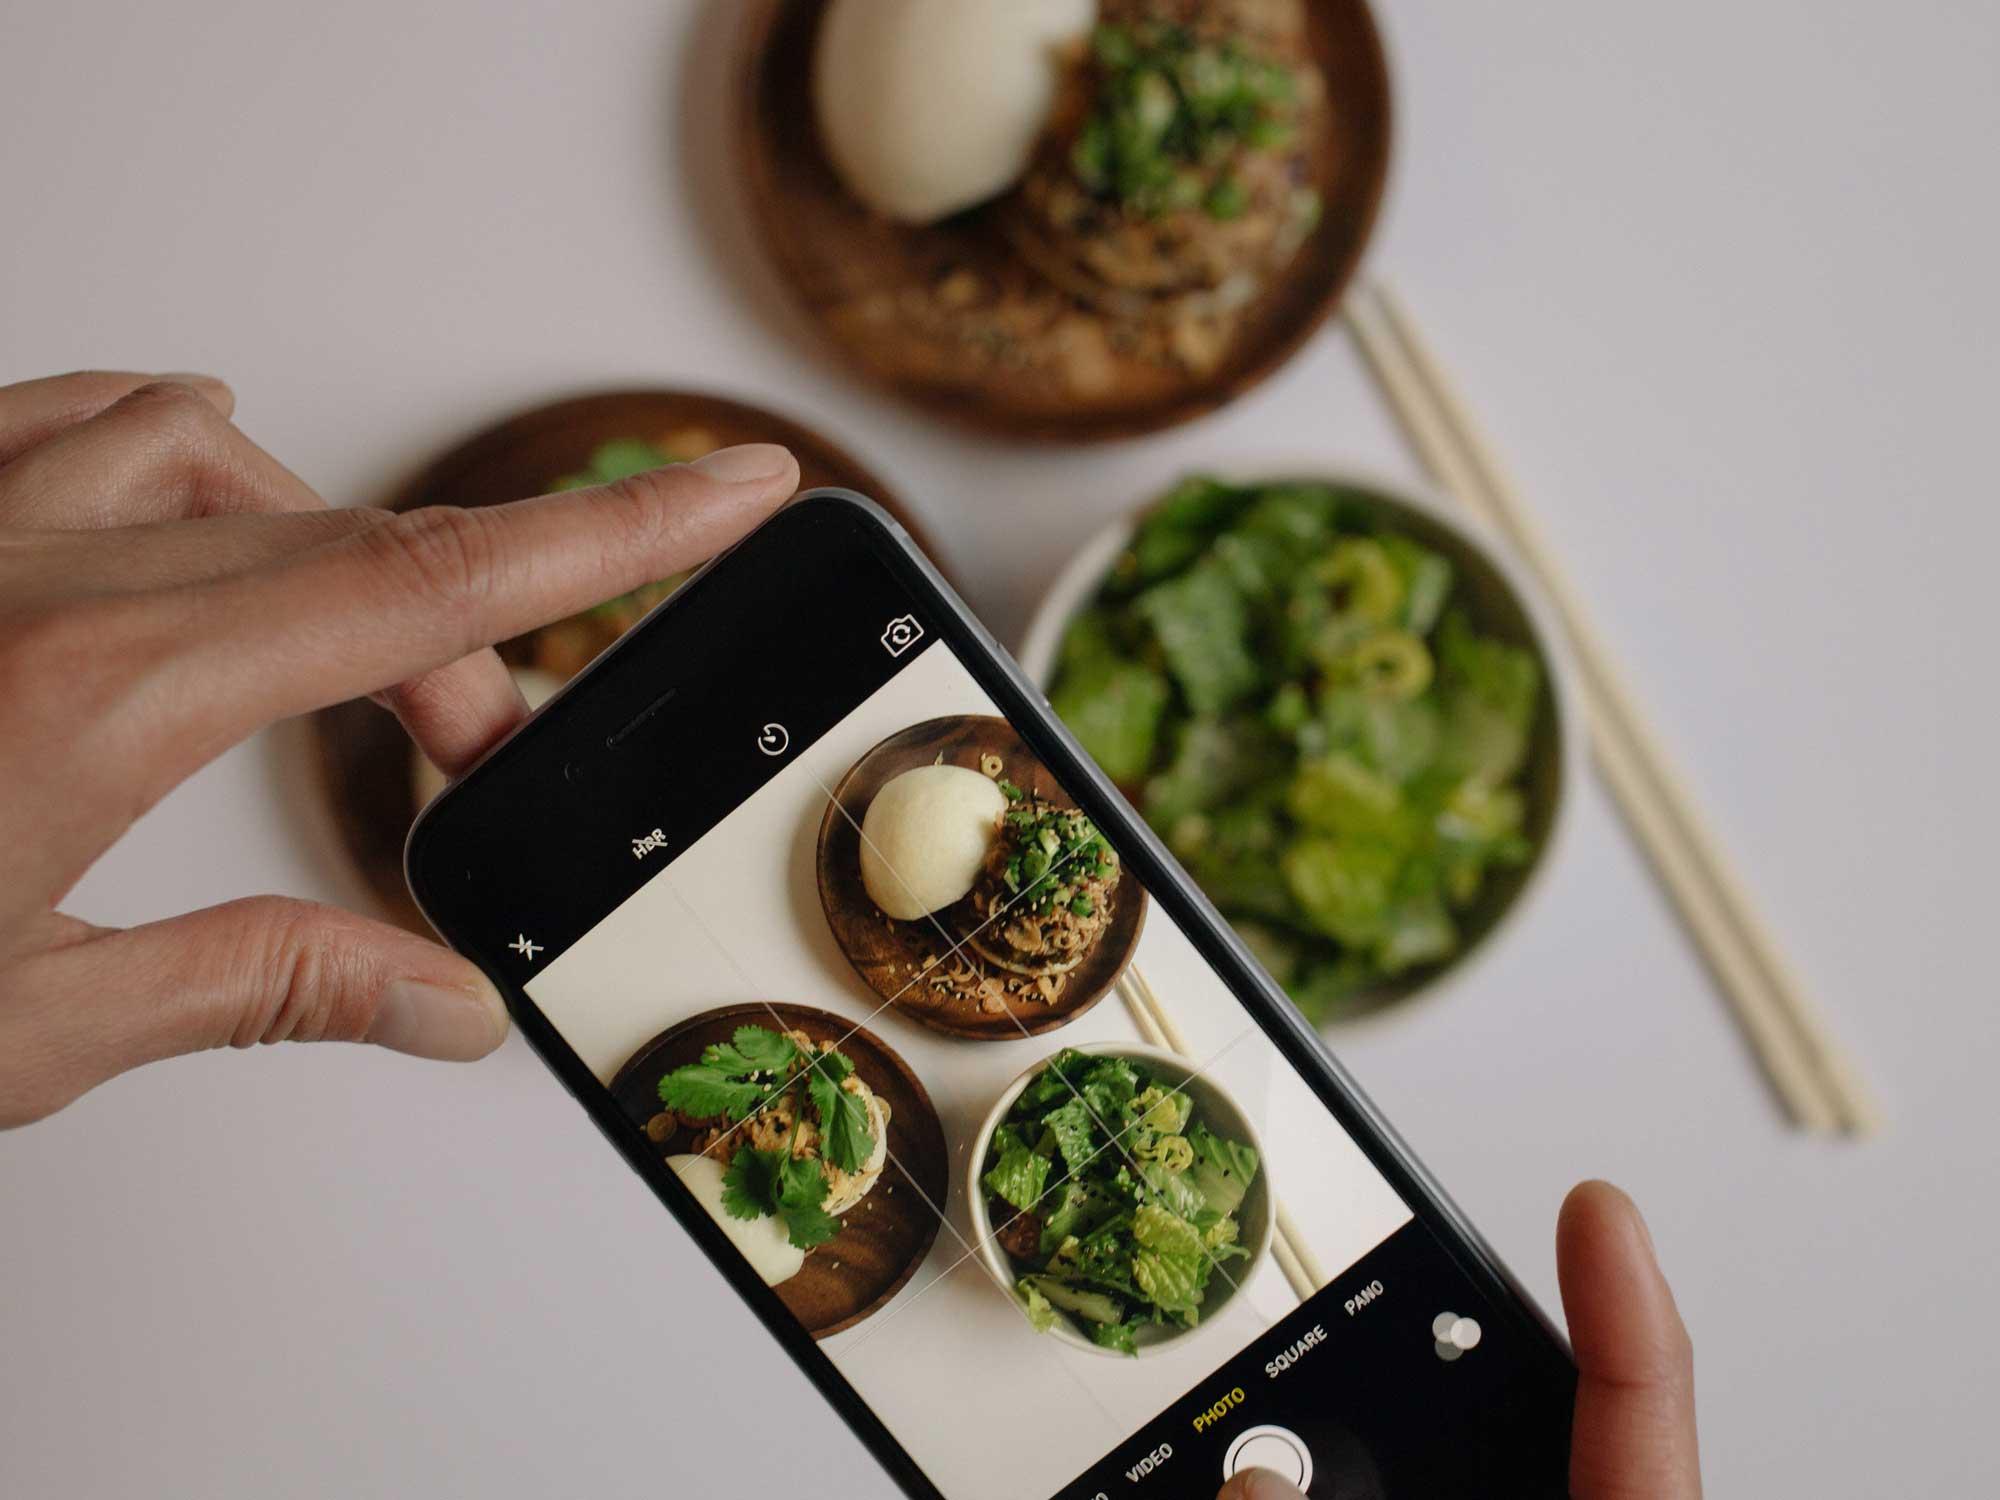 Comment vendre plus de produits sur instagram - Agence Sharing